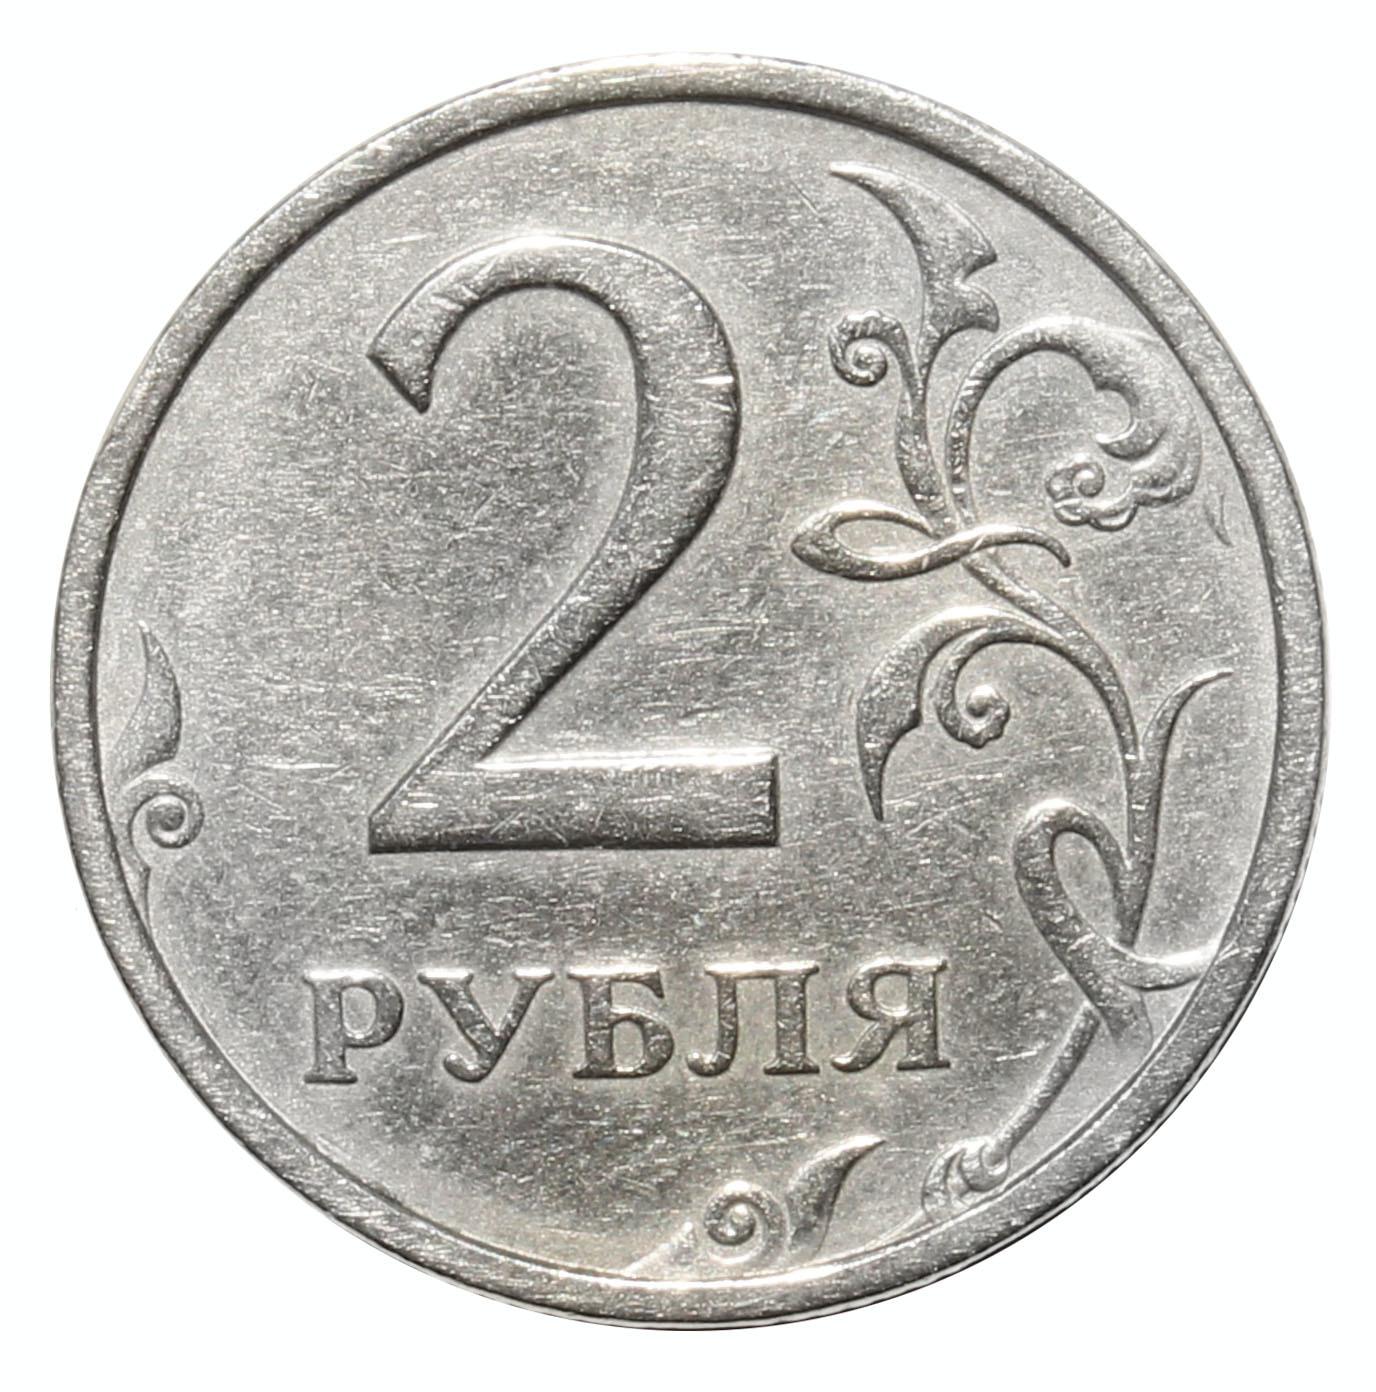 Набор 1, 2 и 5 рублей 2003 года. RRR